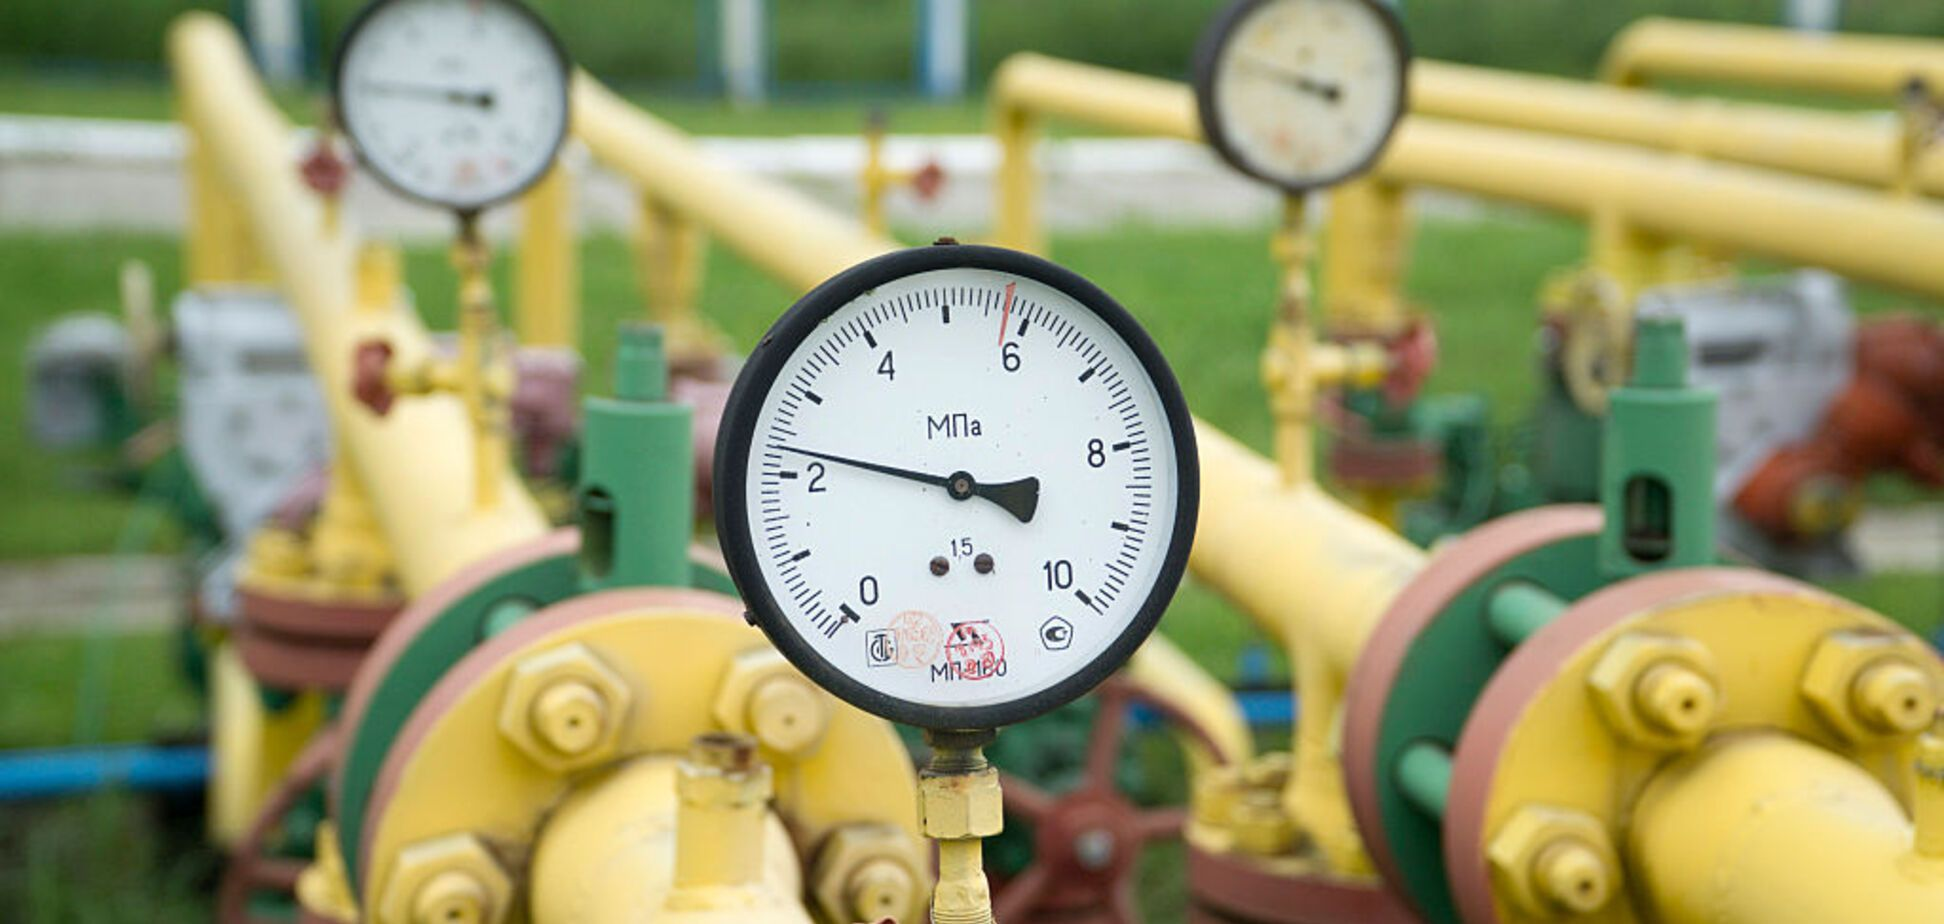 Газовий бізнес в Україні передадуть людям Авакова і Фукса - ЗМІ